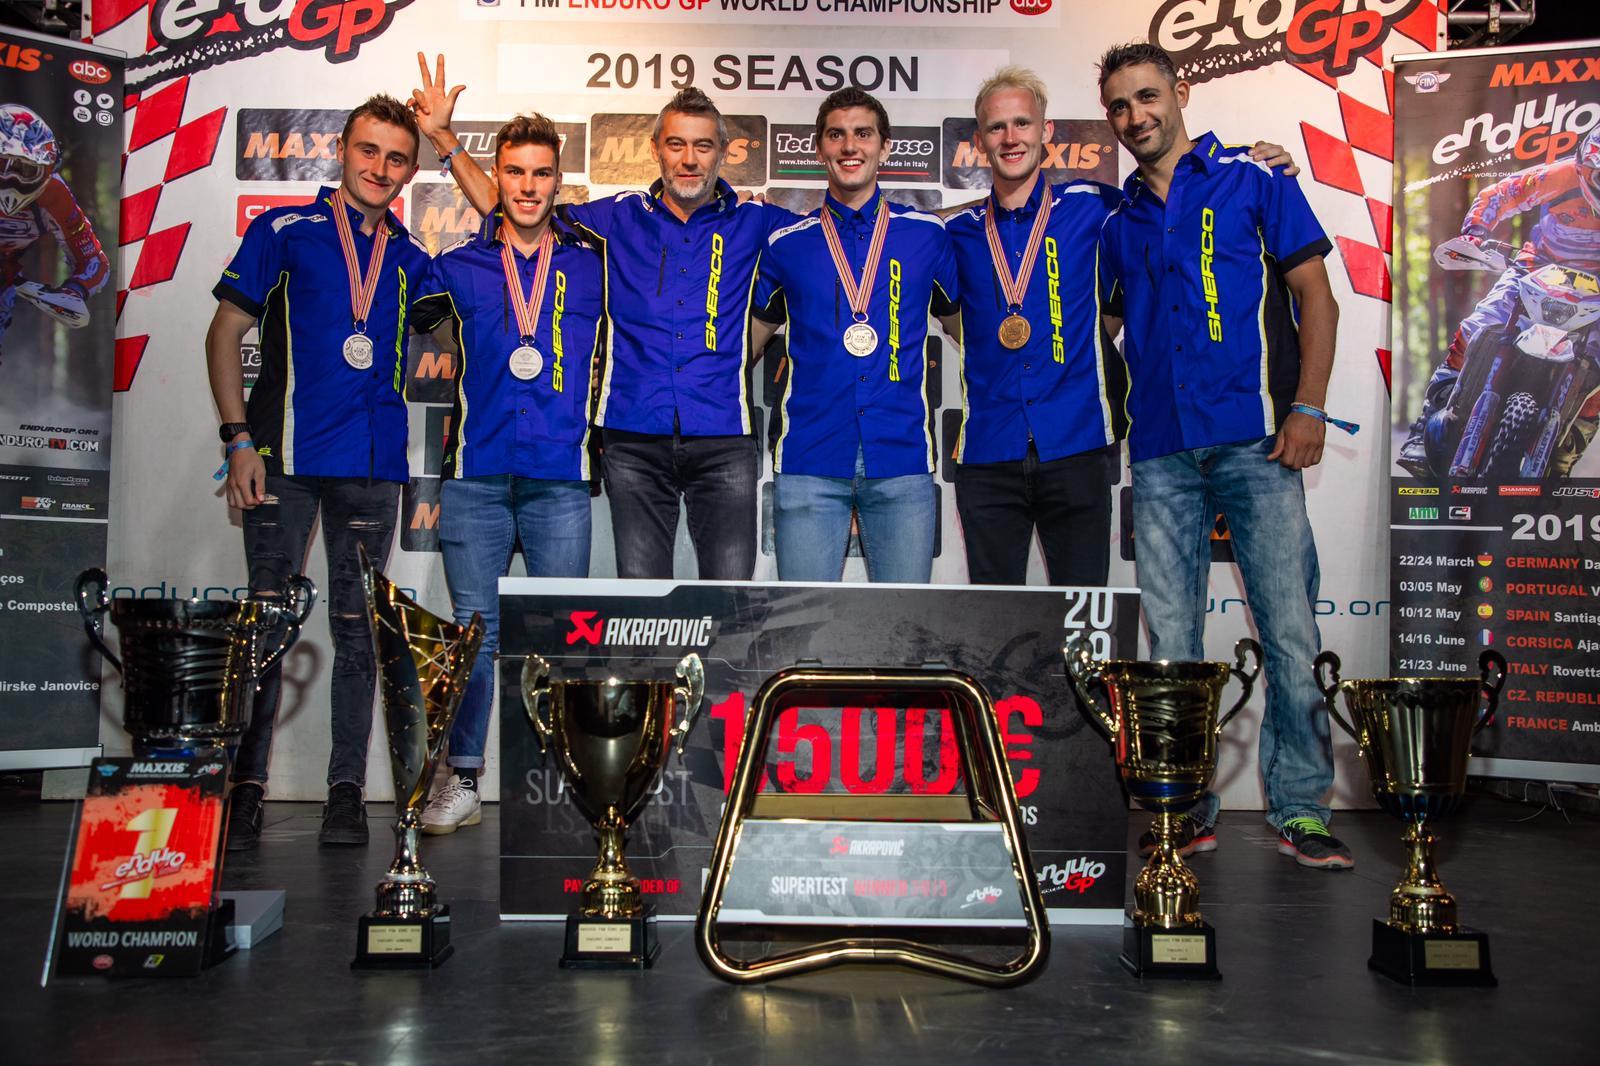 A Sherco csapat Amertben járt, a 2019-es Enduro GP utolsó versenyén (24)